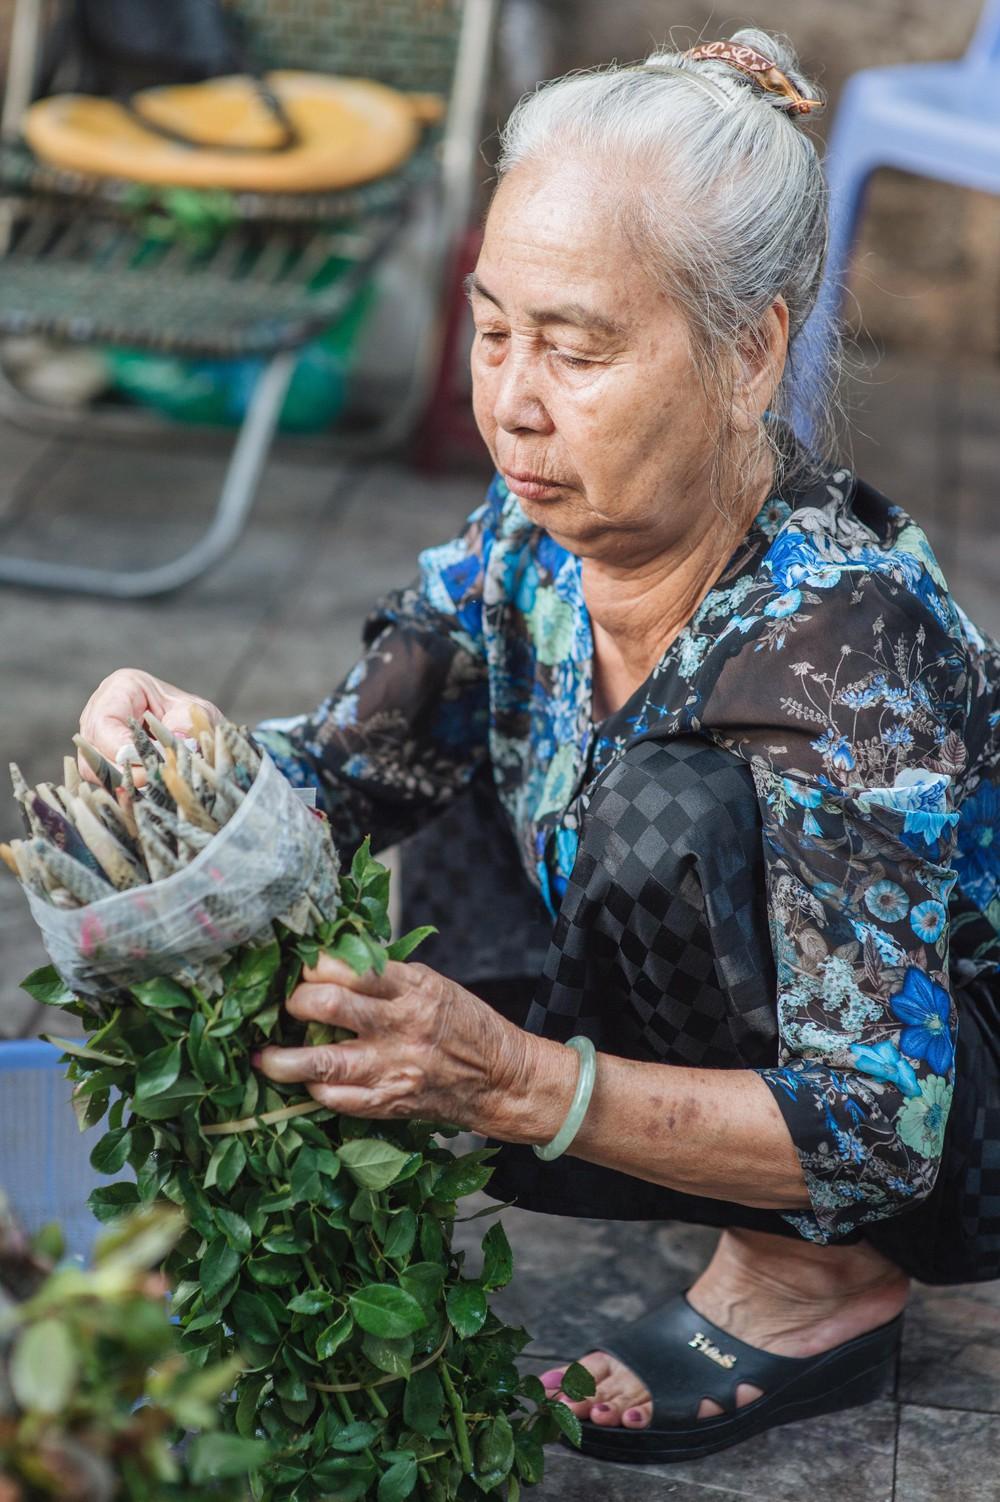 Triết lý sung sướng phụ nữ hiện đại nào cũng phải học từ cụ bà 81 tuổi bán hoa gói lá 70 năm ở góc chợ Đồng Xuân - Ảnh 16.